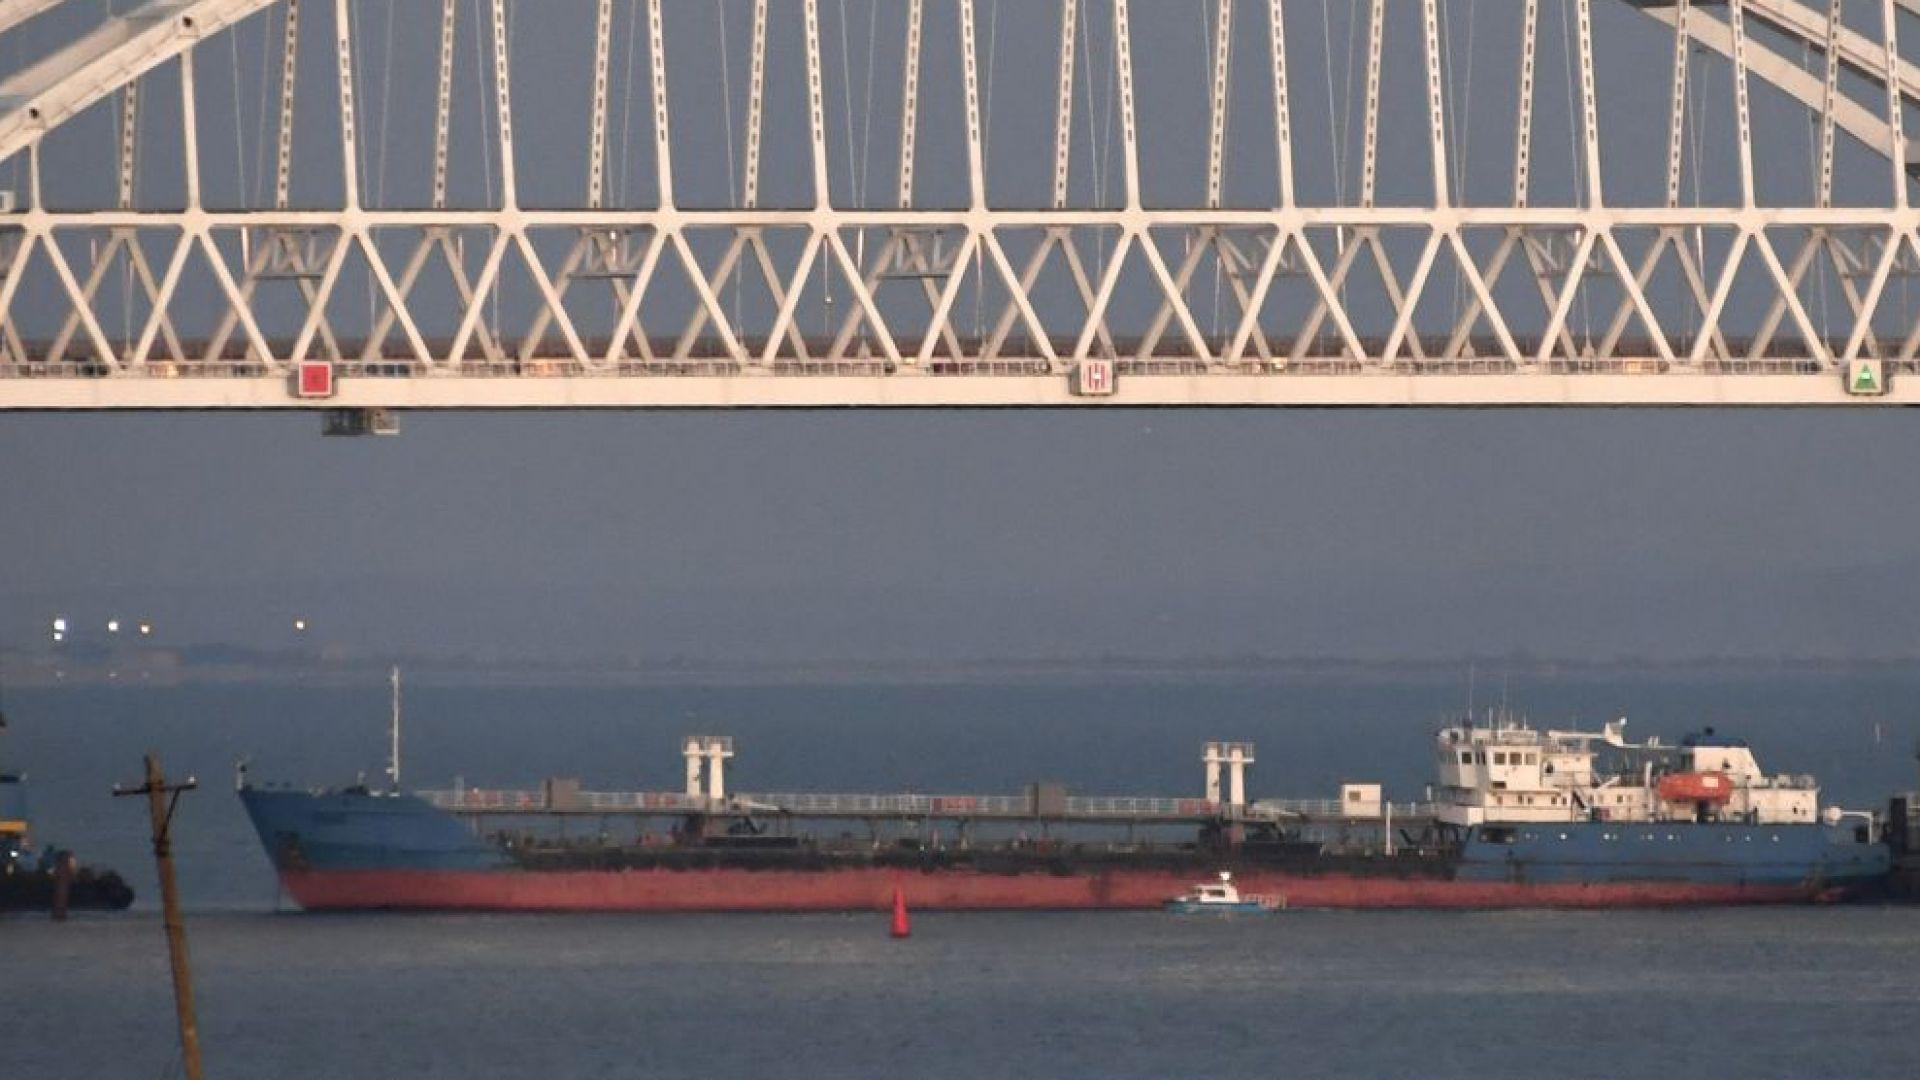 Украйна задържа руски танкер заради инцидента в Керченския проток